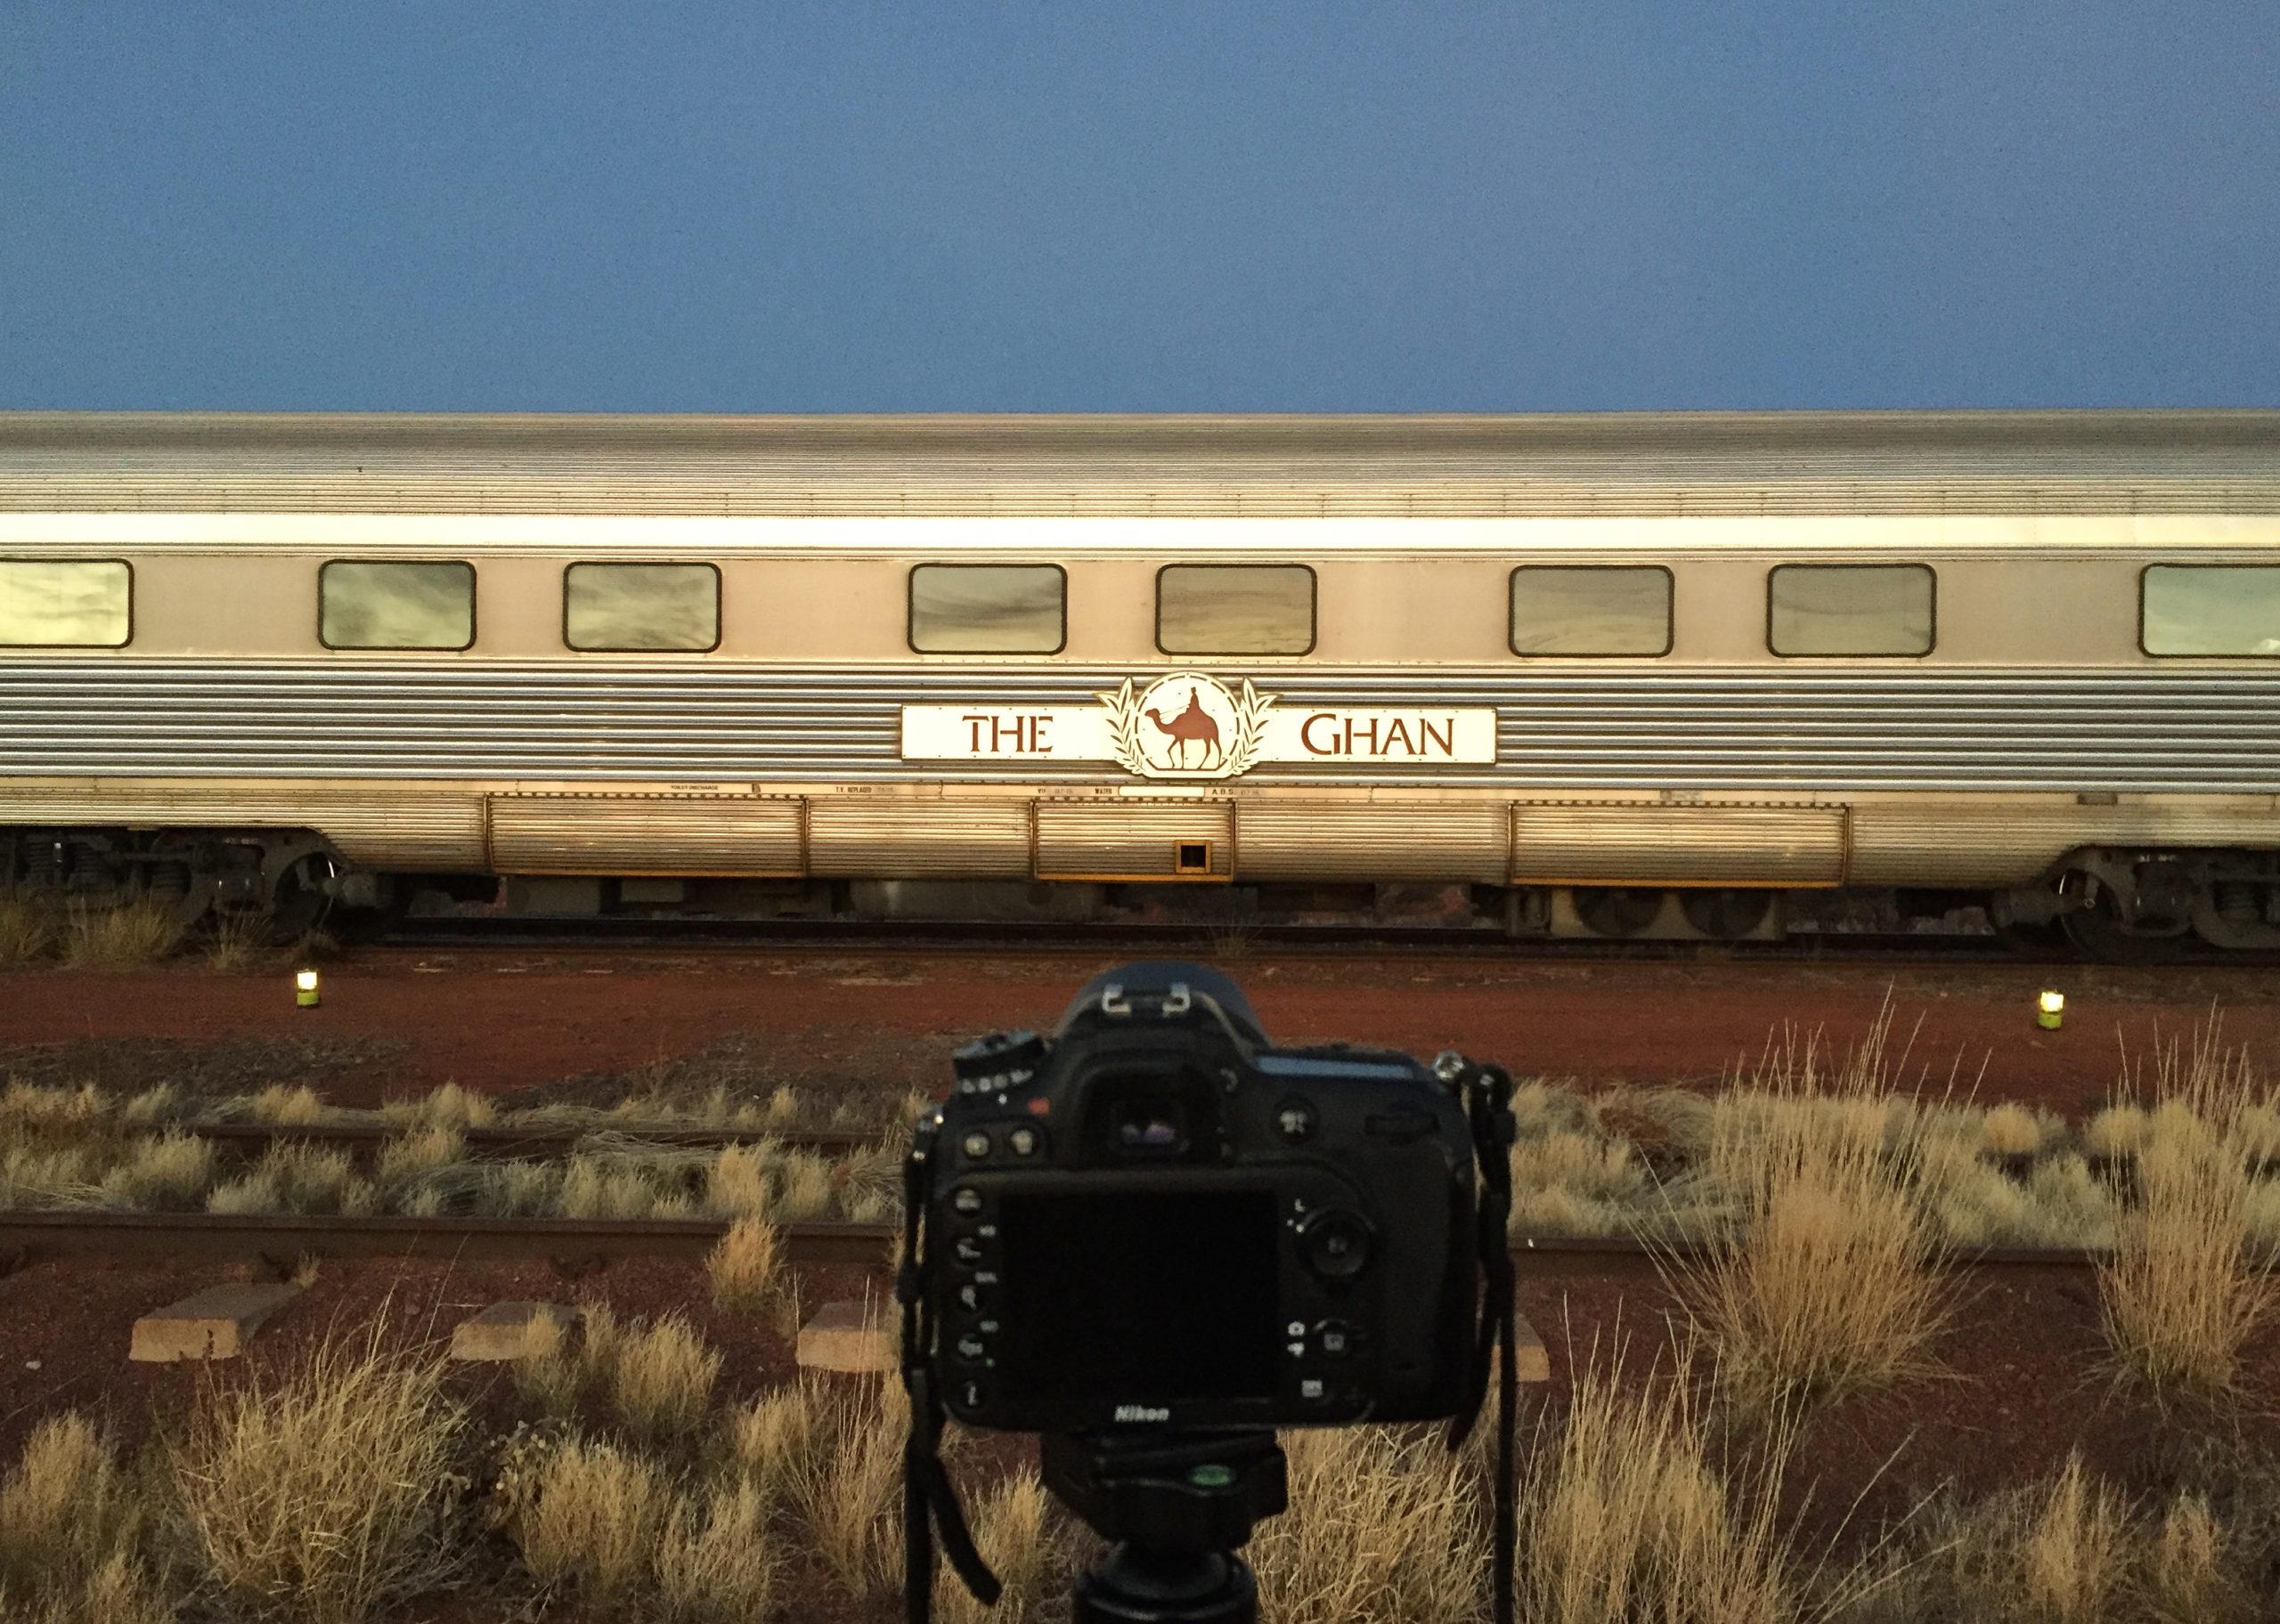 Kamera mit Stativ vor dem Ghan während des Sonnenaufgangs